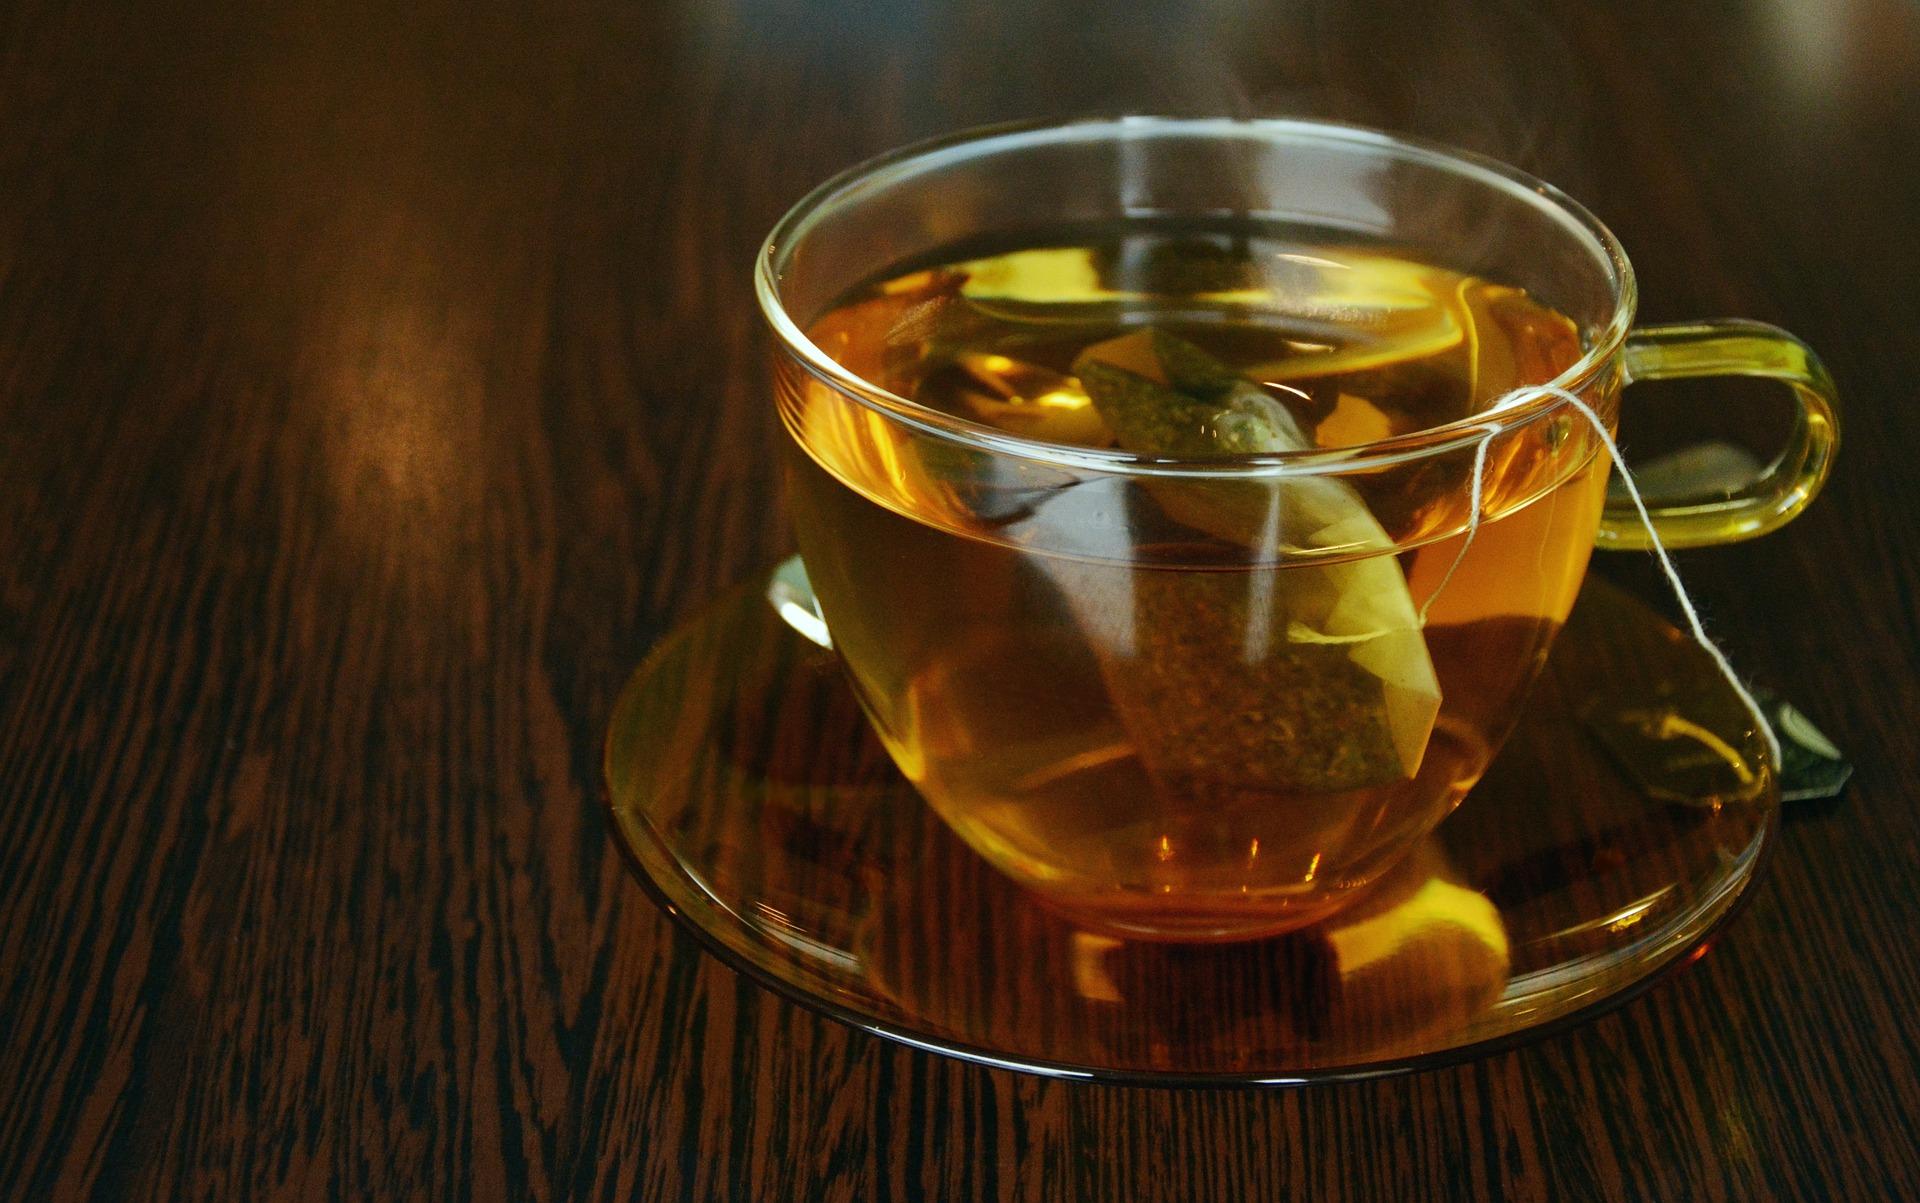 Covid-19 uderza w rynek herbaty